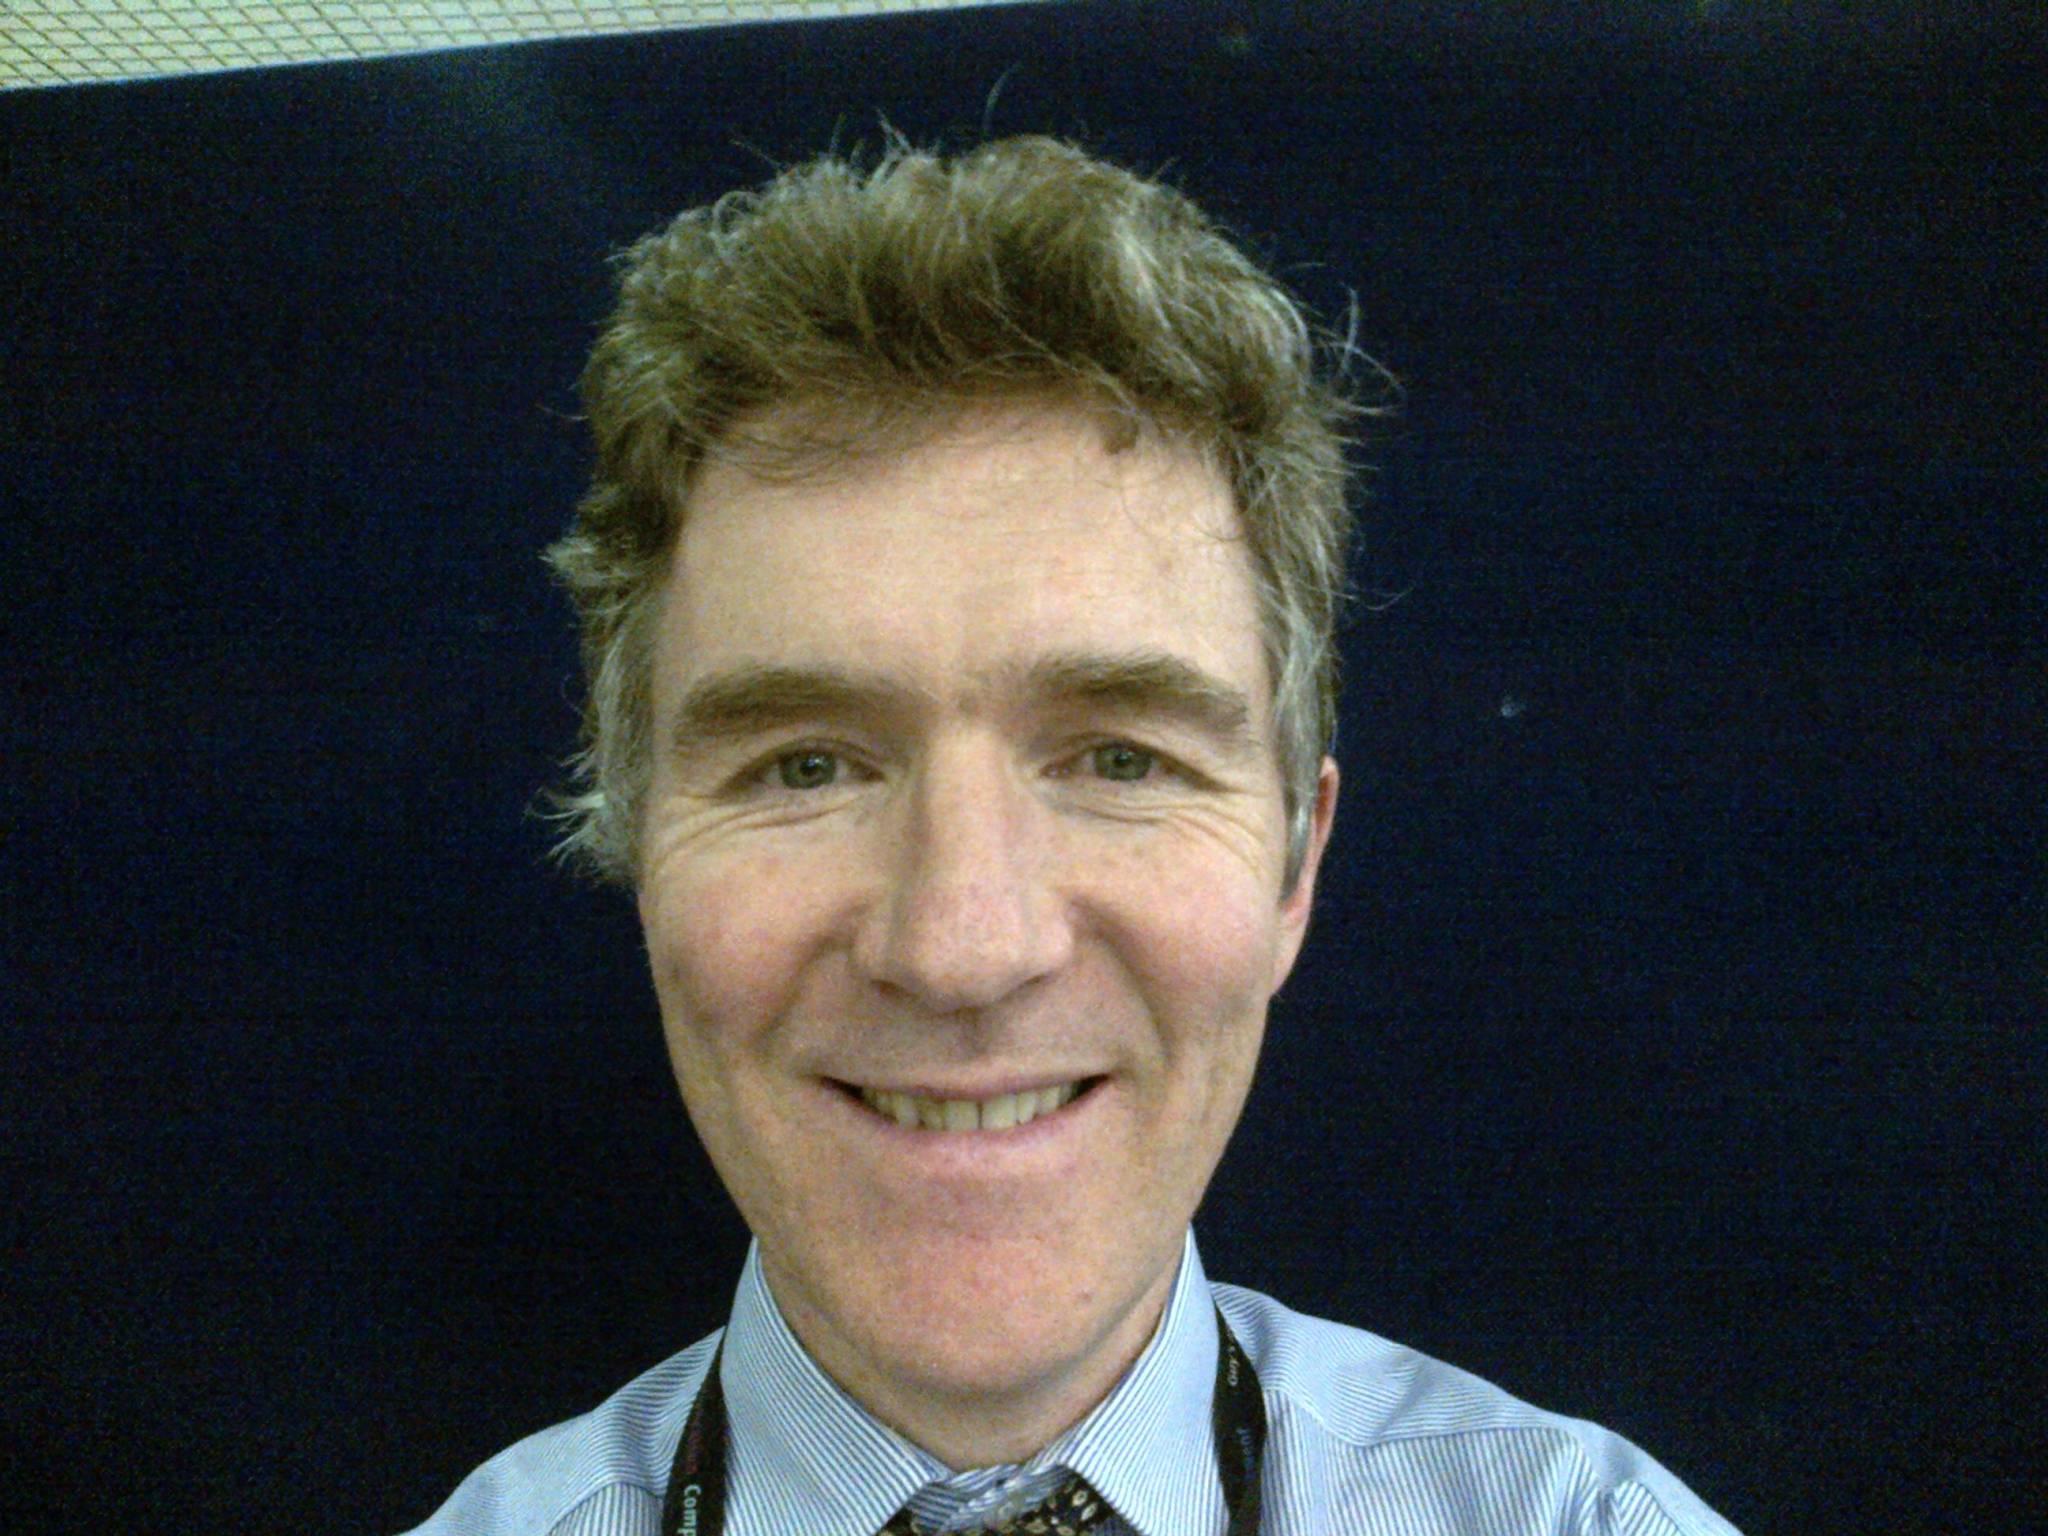 Dr Mark Kinirons